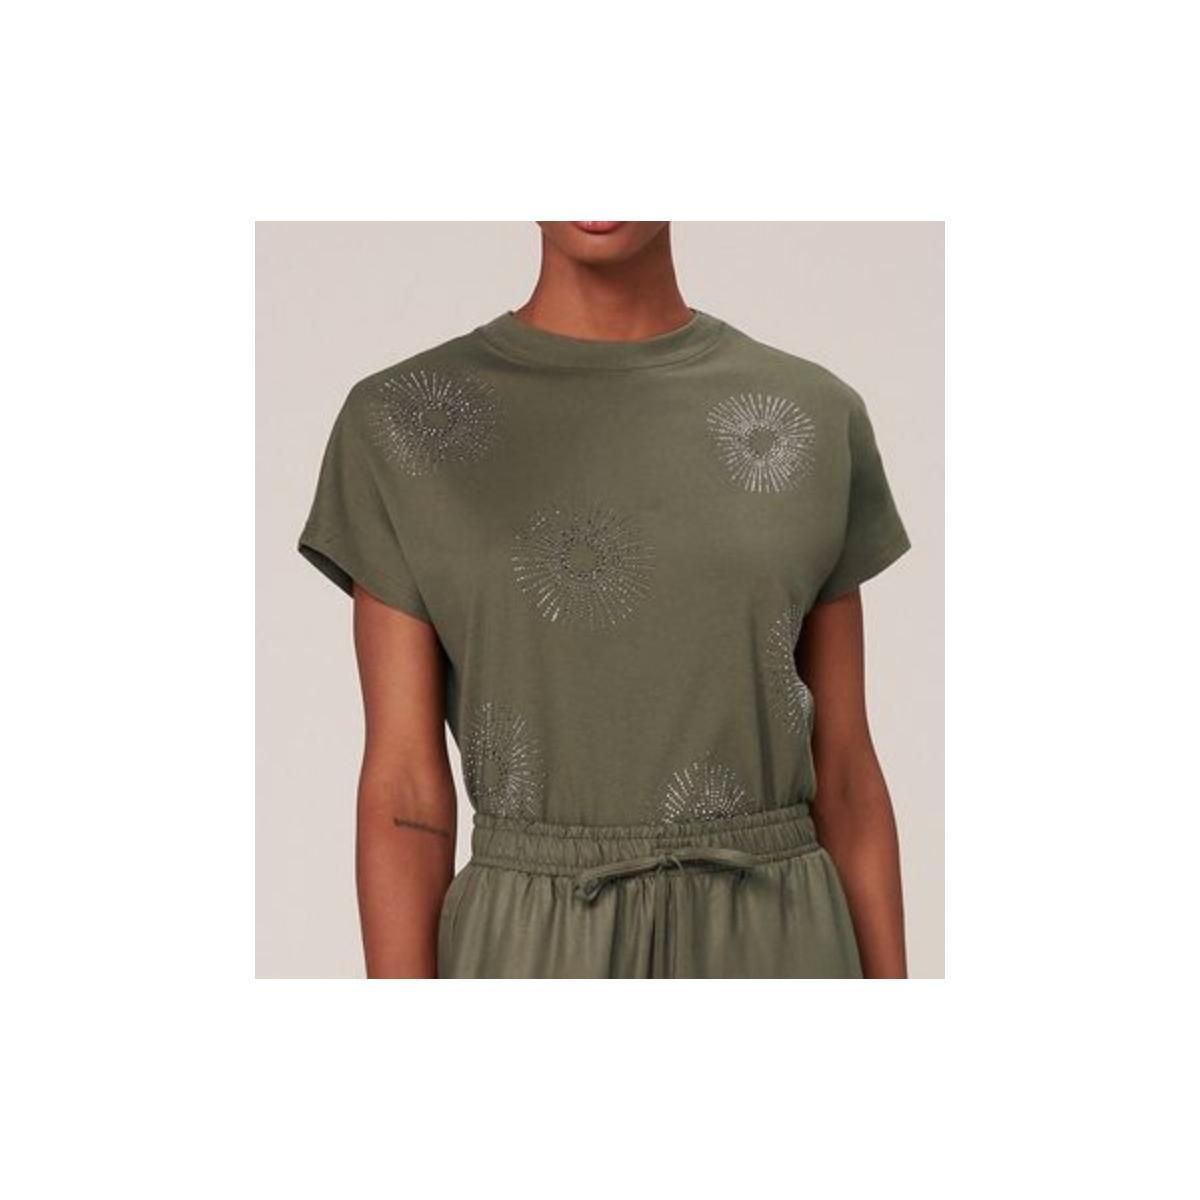 Camiseta Feminina Dzarm 6r2n Eacen Verde